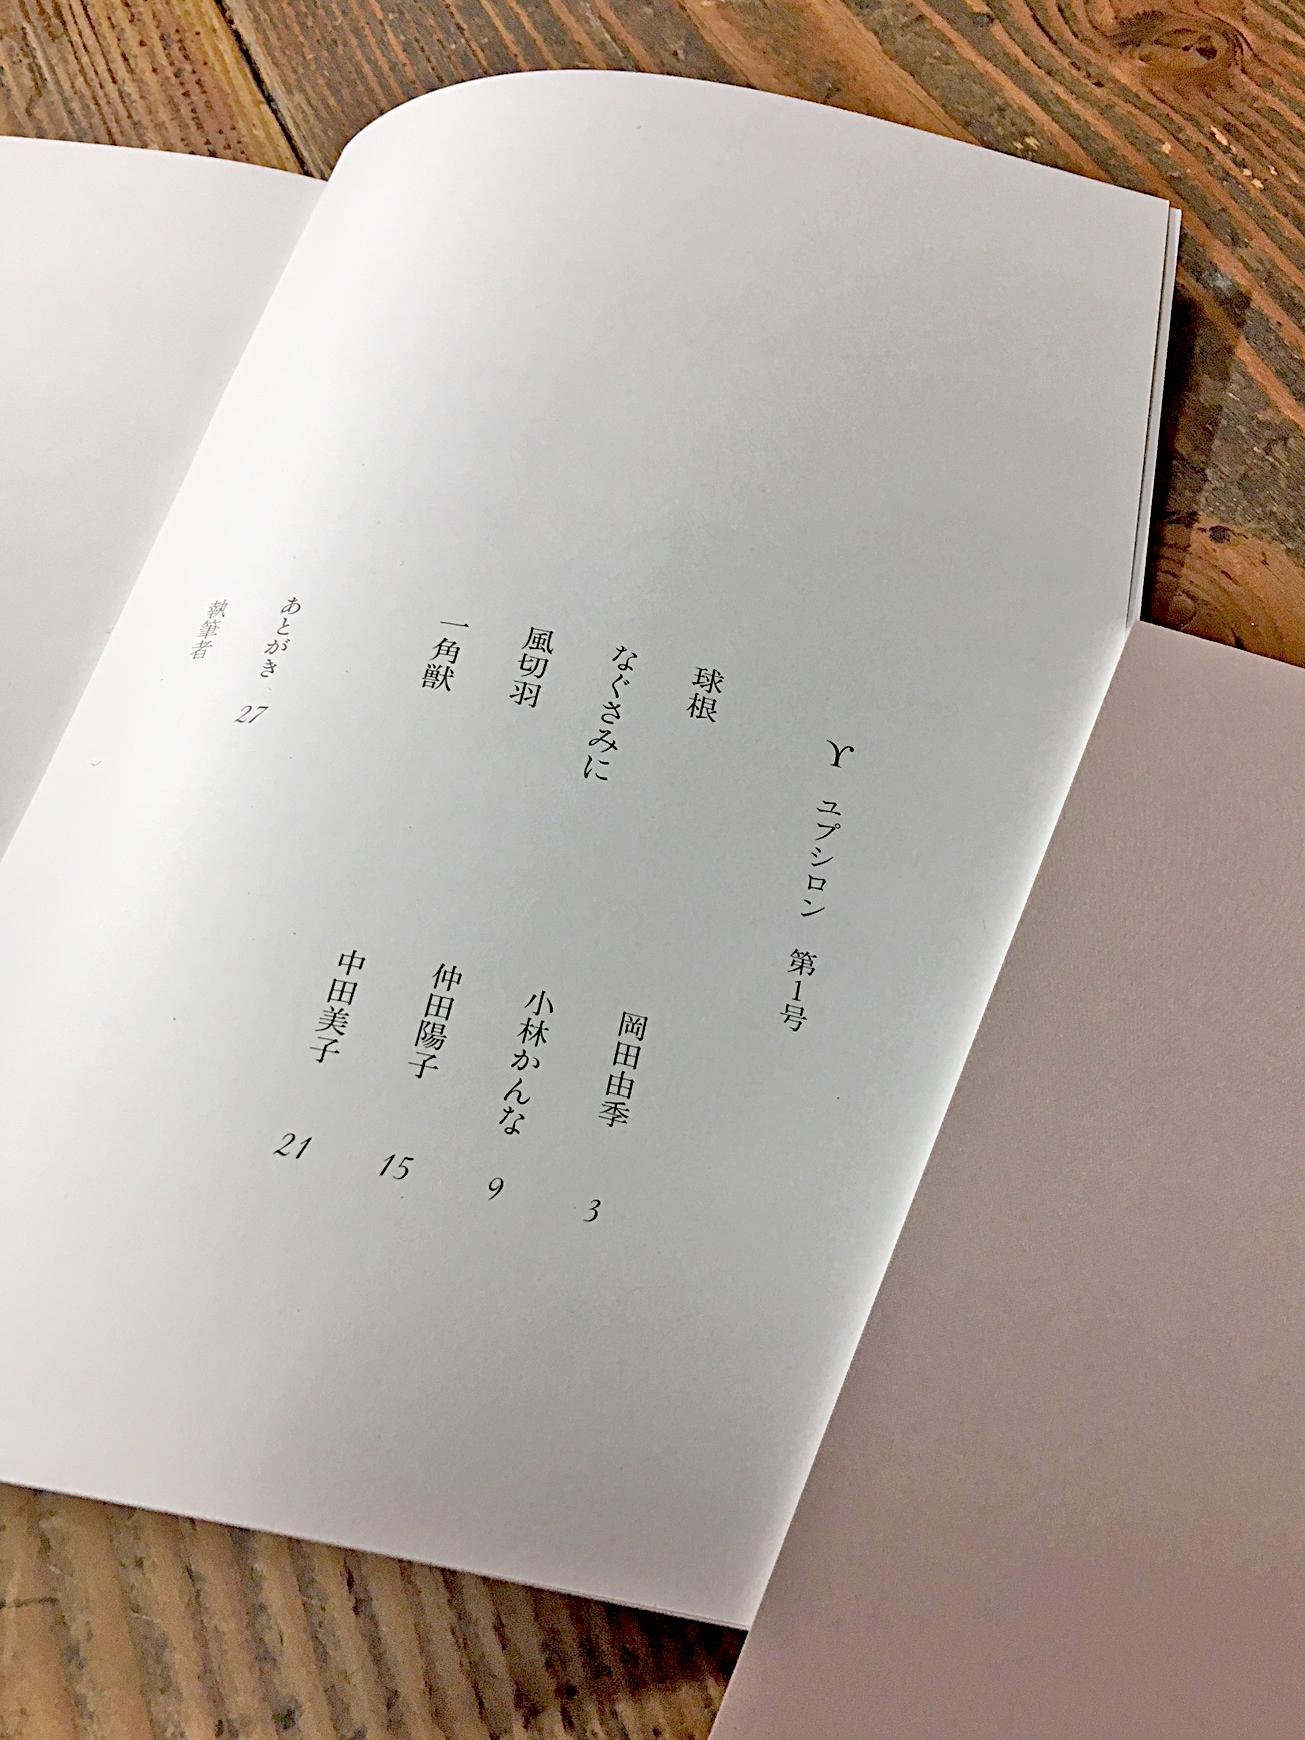 俳句作品集『ユプシロン』第1号 出来上がりました!